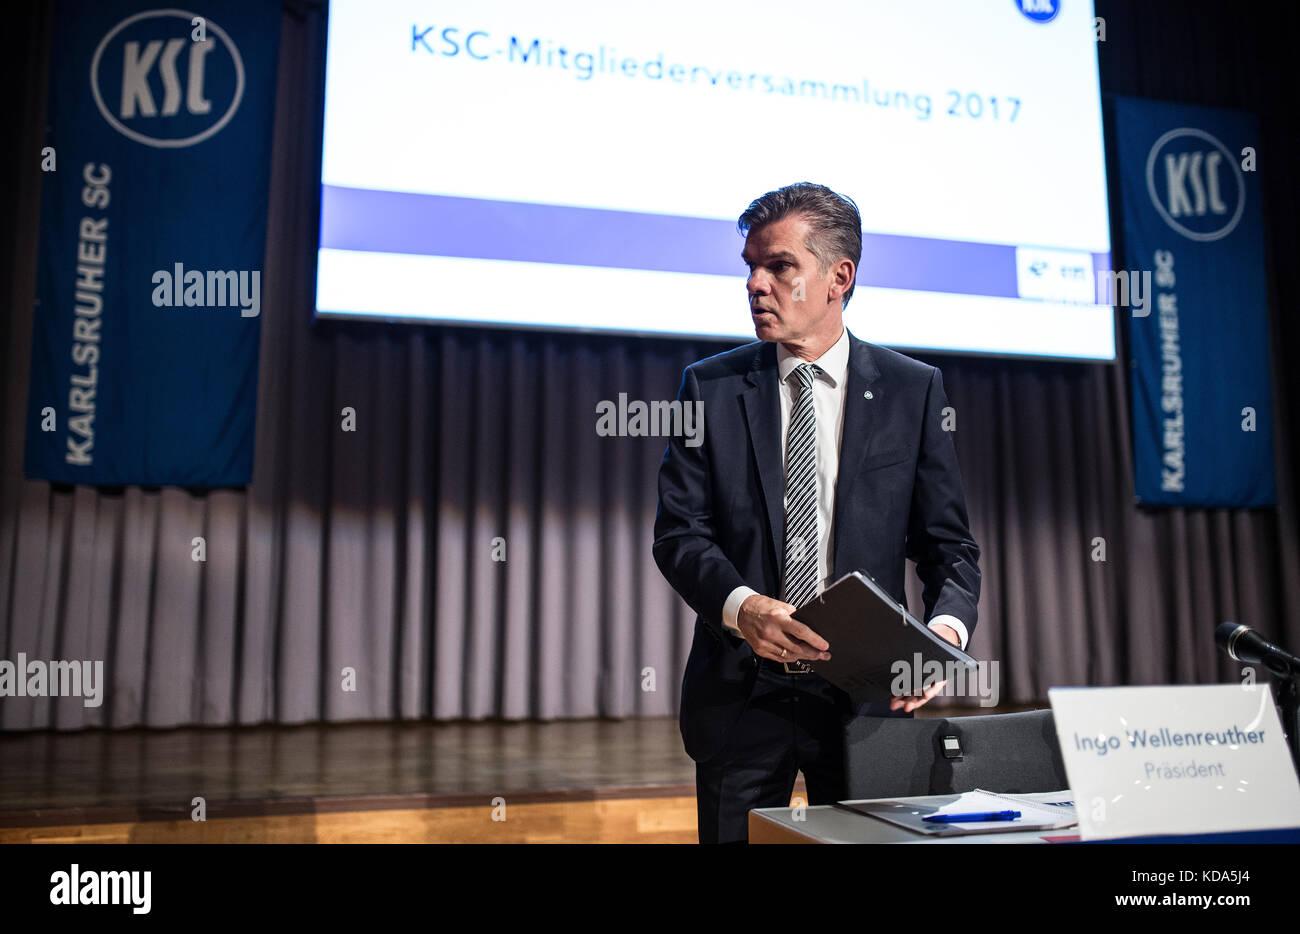 Karlsruhe Nereut, Deutschland. 12th Oct, 2017. KSC-Praesident Ingo Wellenreuther auf dem Podium. GES/ Fussball/ - Stock Image